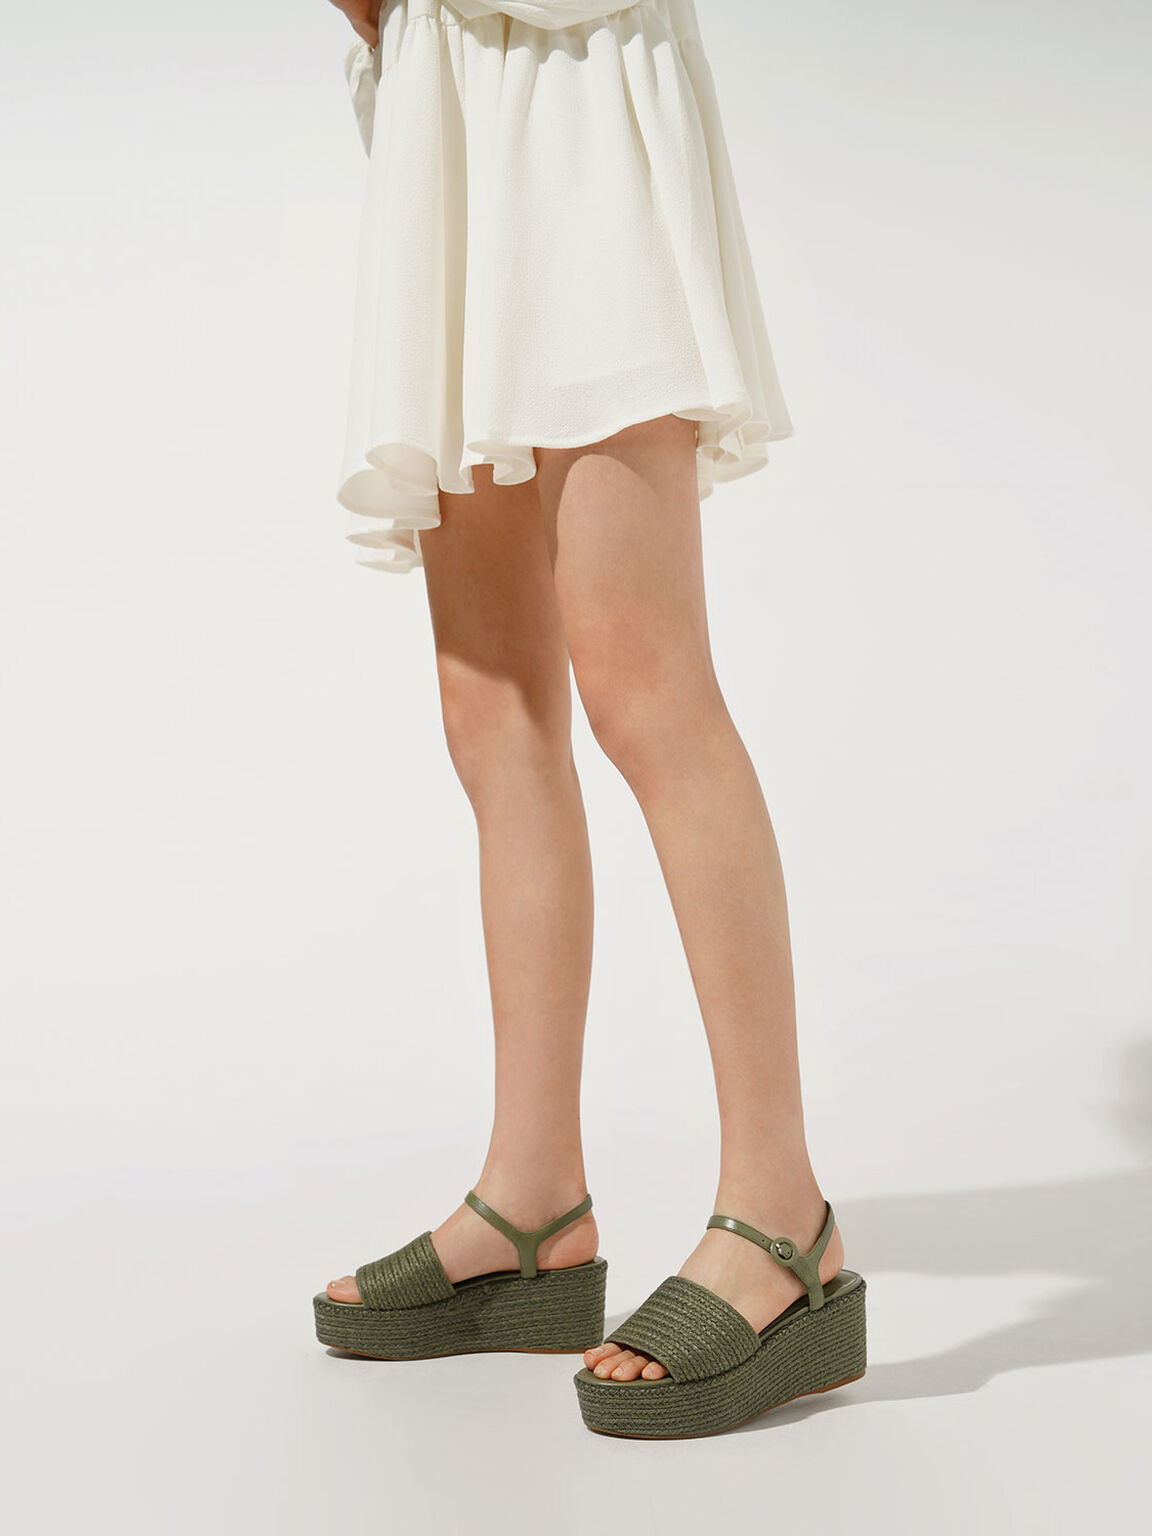 Espadrille Platform Sandals, Olive, hi-res